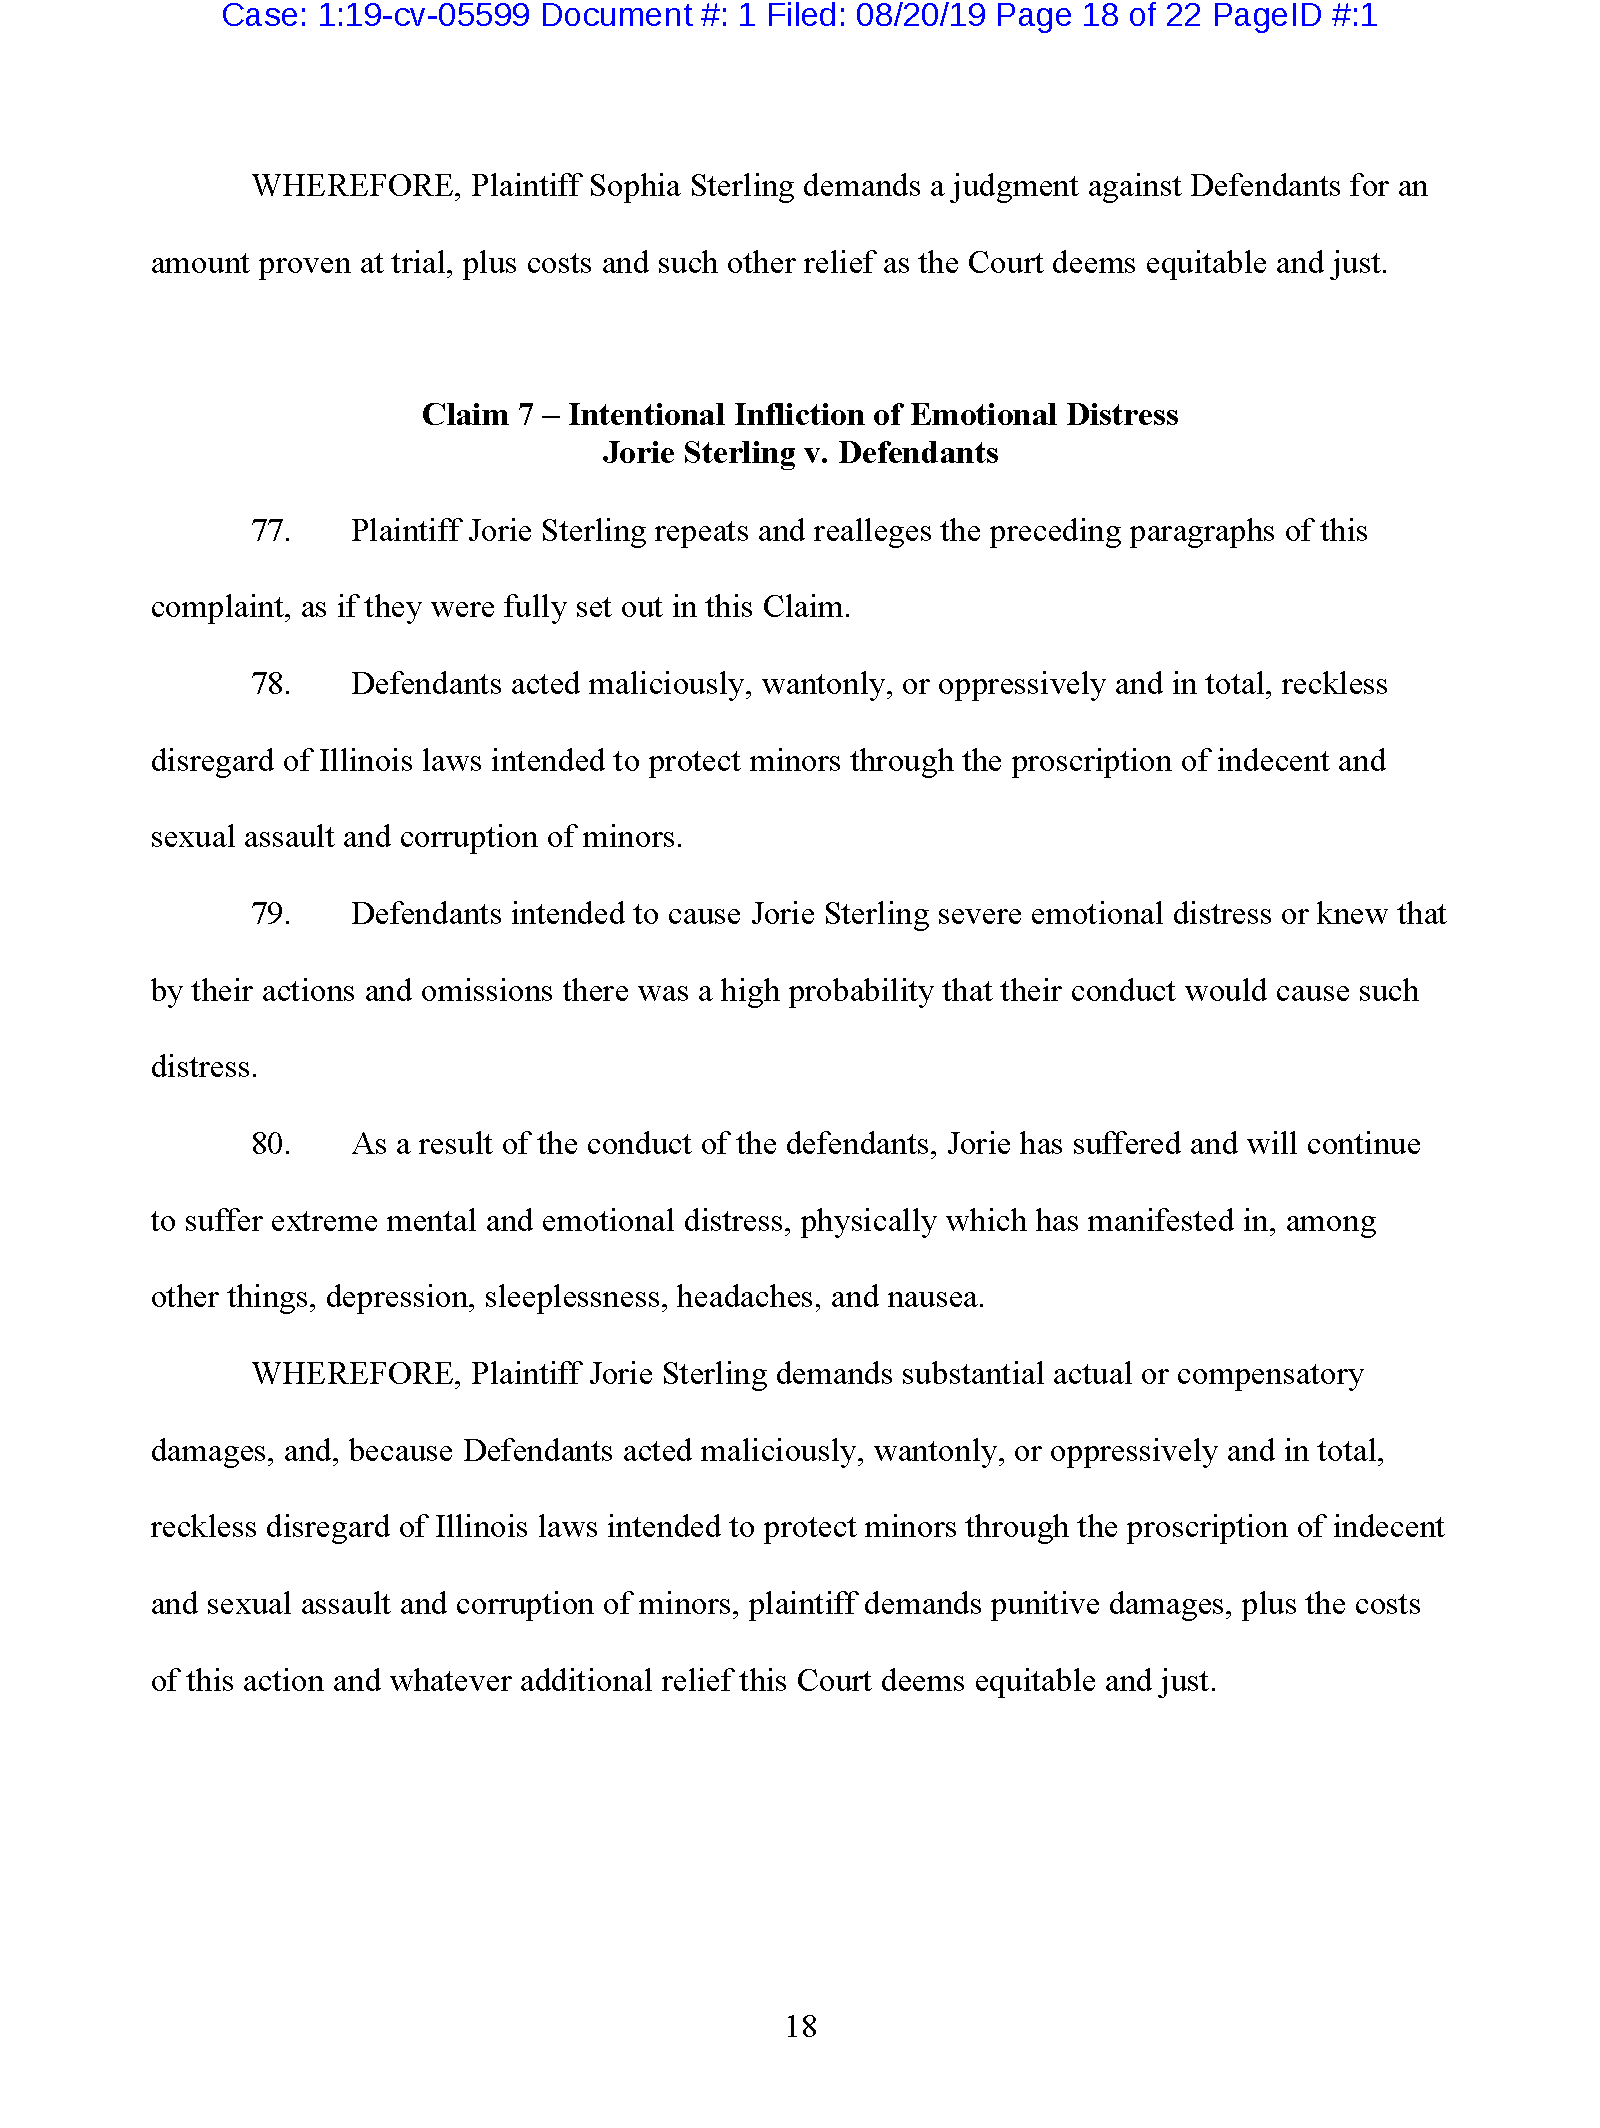 Copy of Complaint0118.png